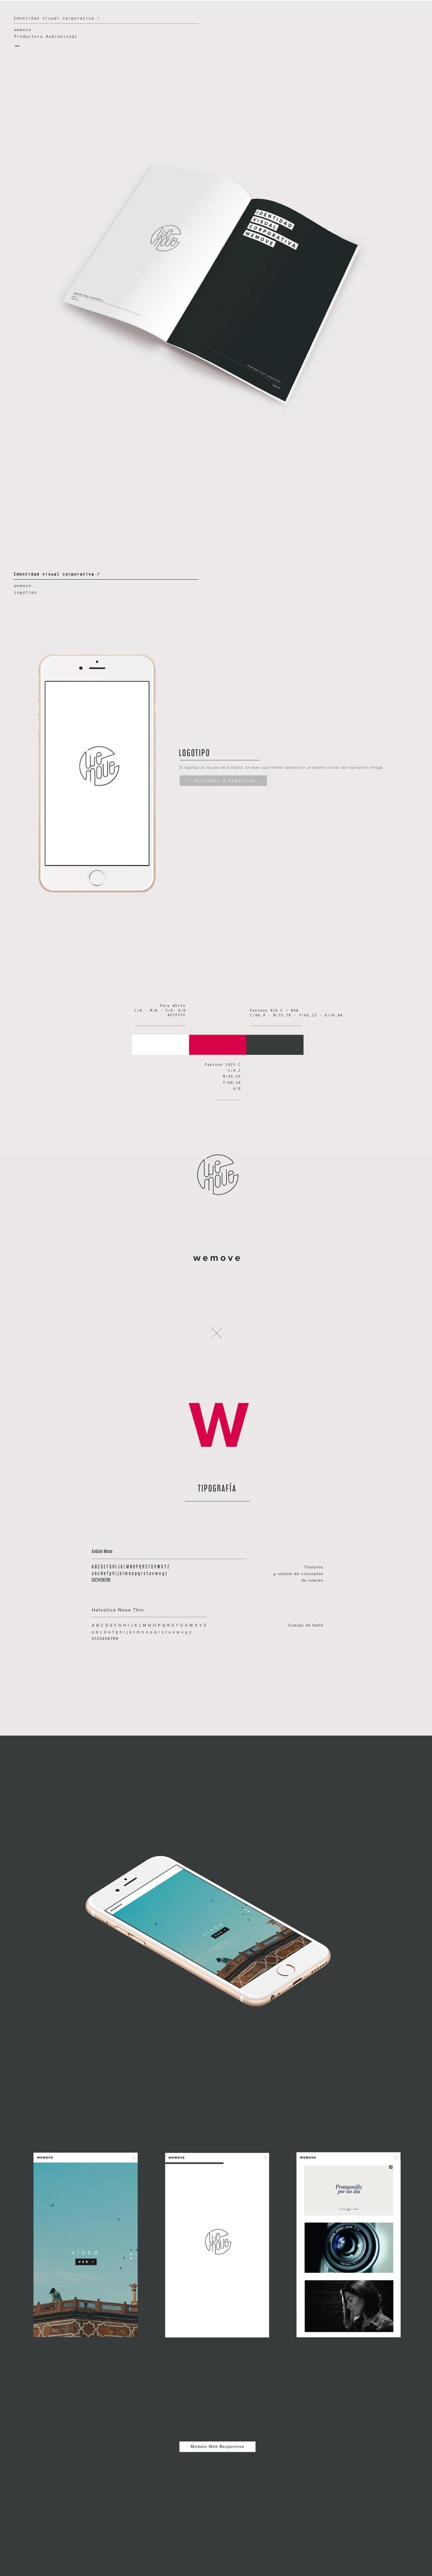 WEMOVE / BRAND DESIGN -1